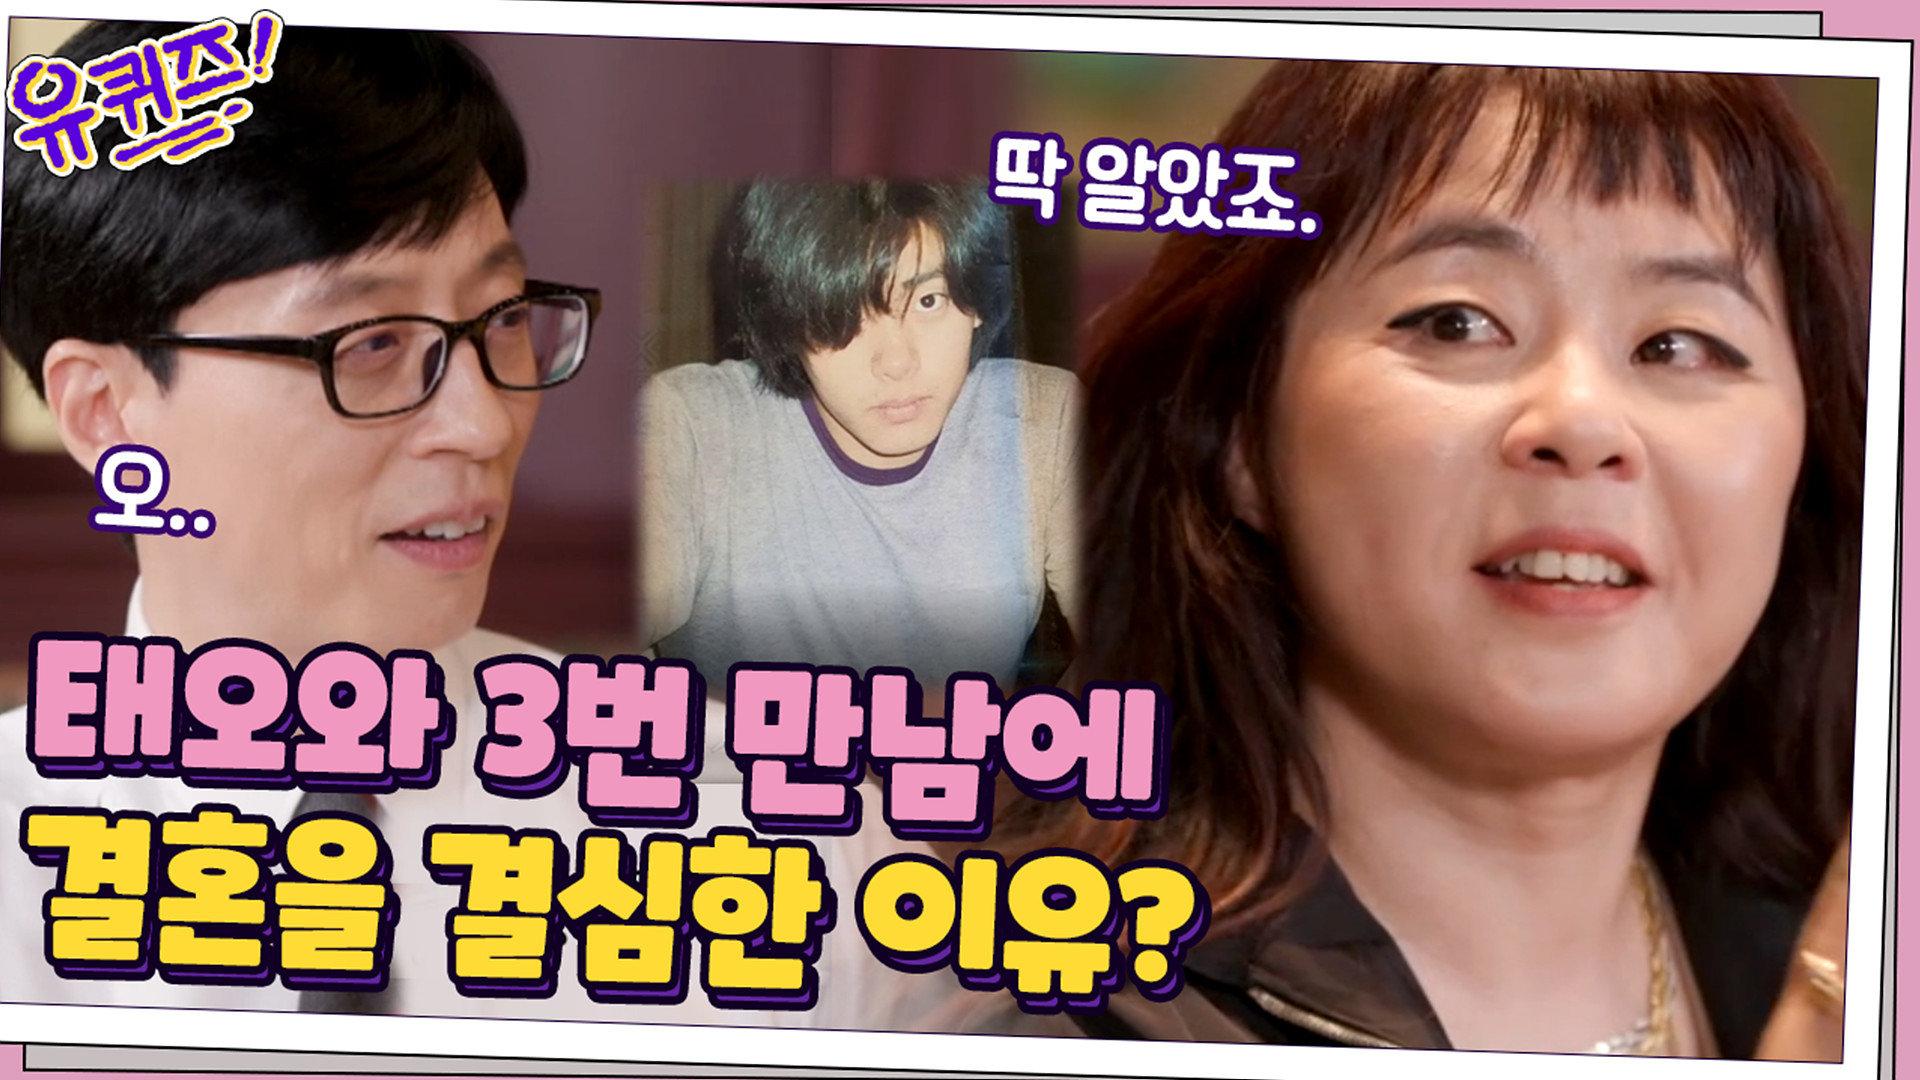 태오와 니키의 운명 같던 첫 만남♡ 3번 만나고 결혼을 생각한 이유?   tvN 210414 방송